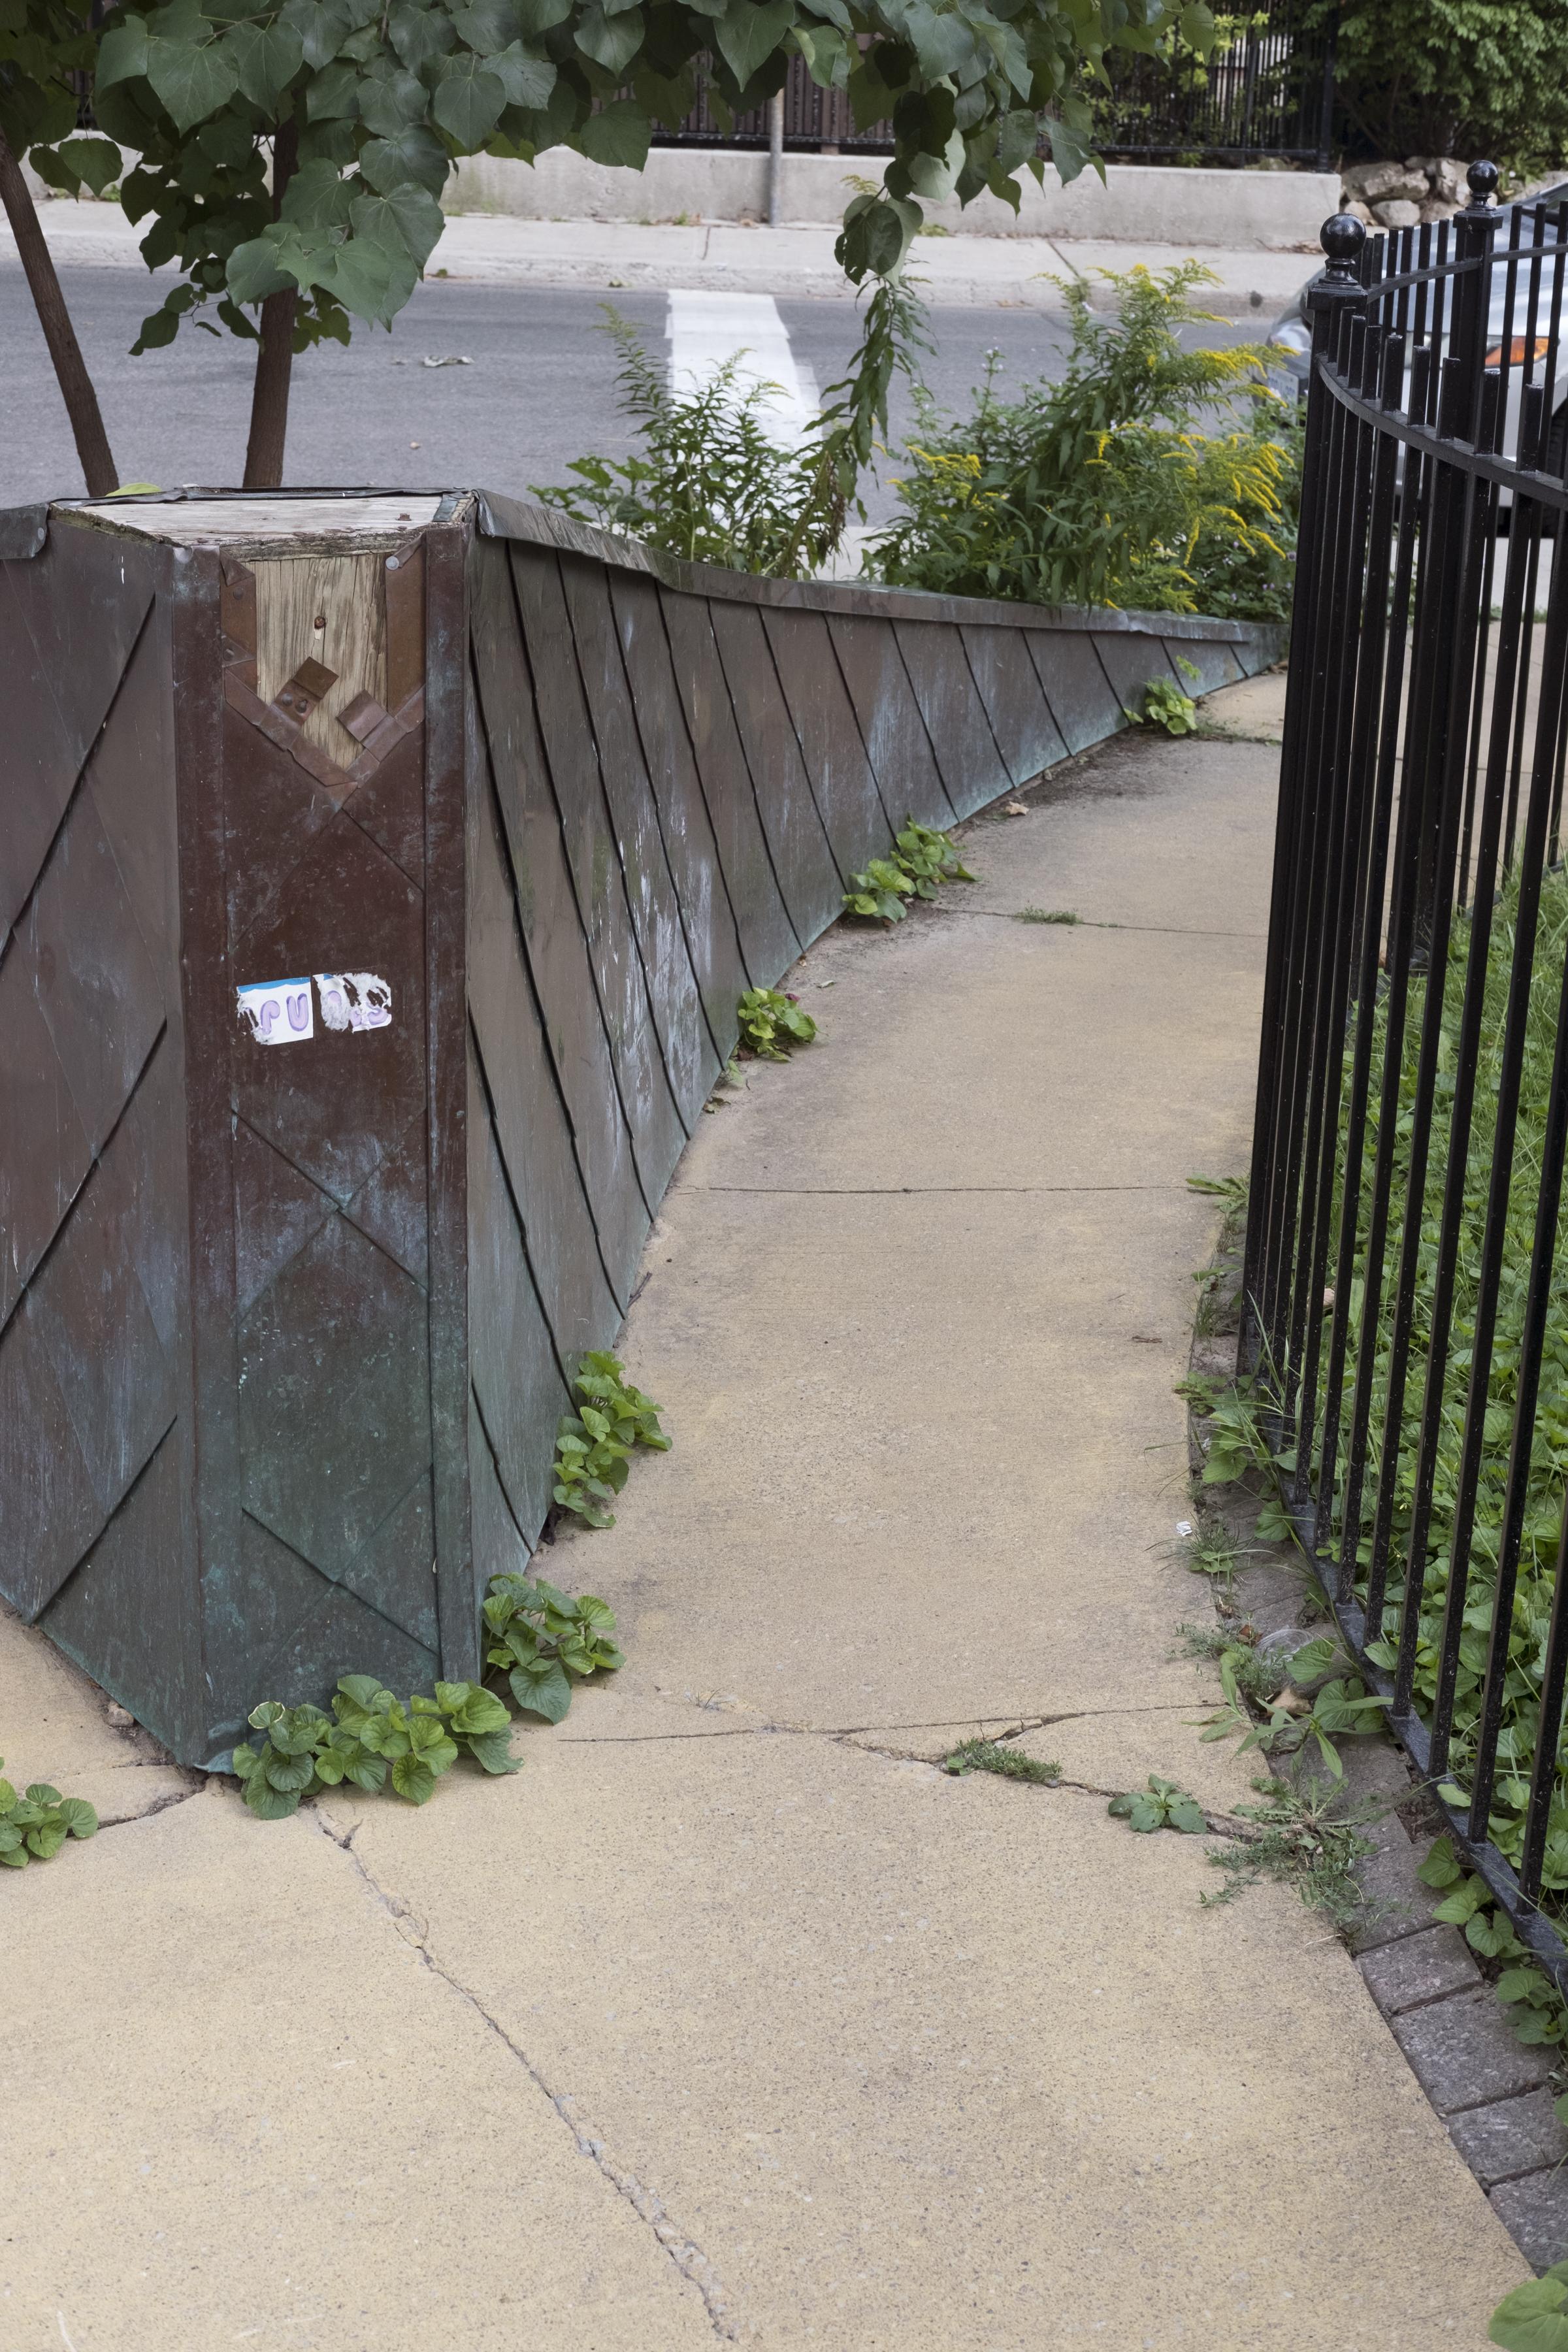 A narrow sidewalk pathway